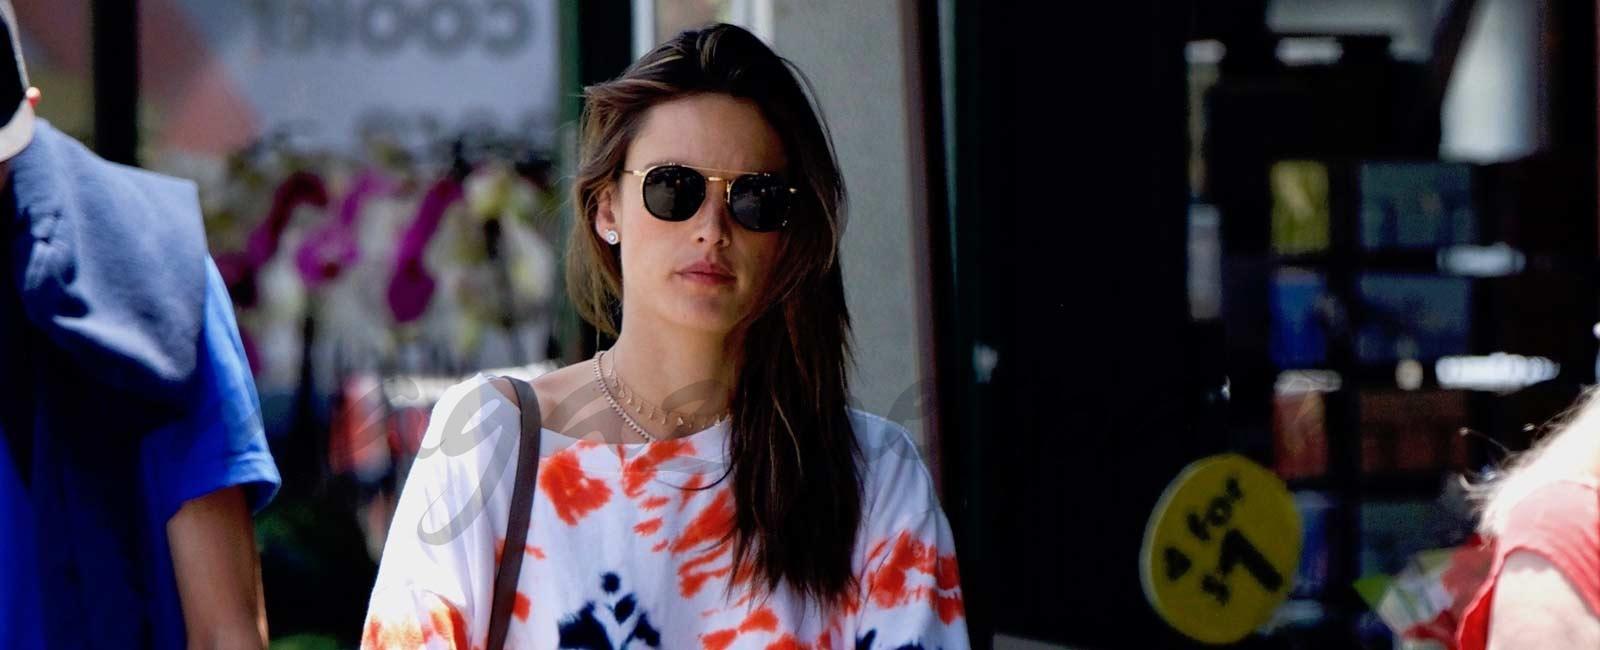 ¿Dónde hace la compra Alessandra Ambrosio?